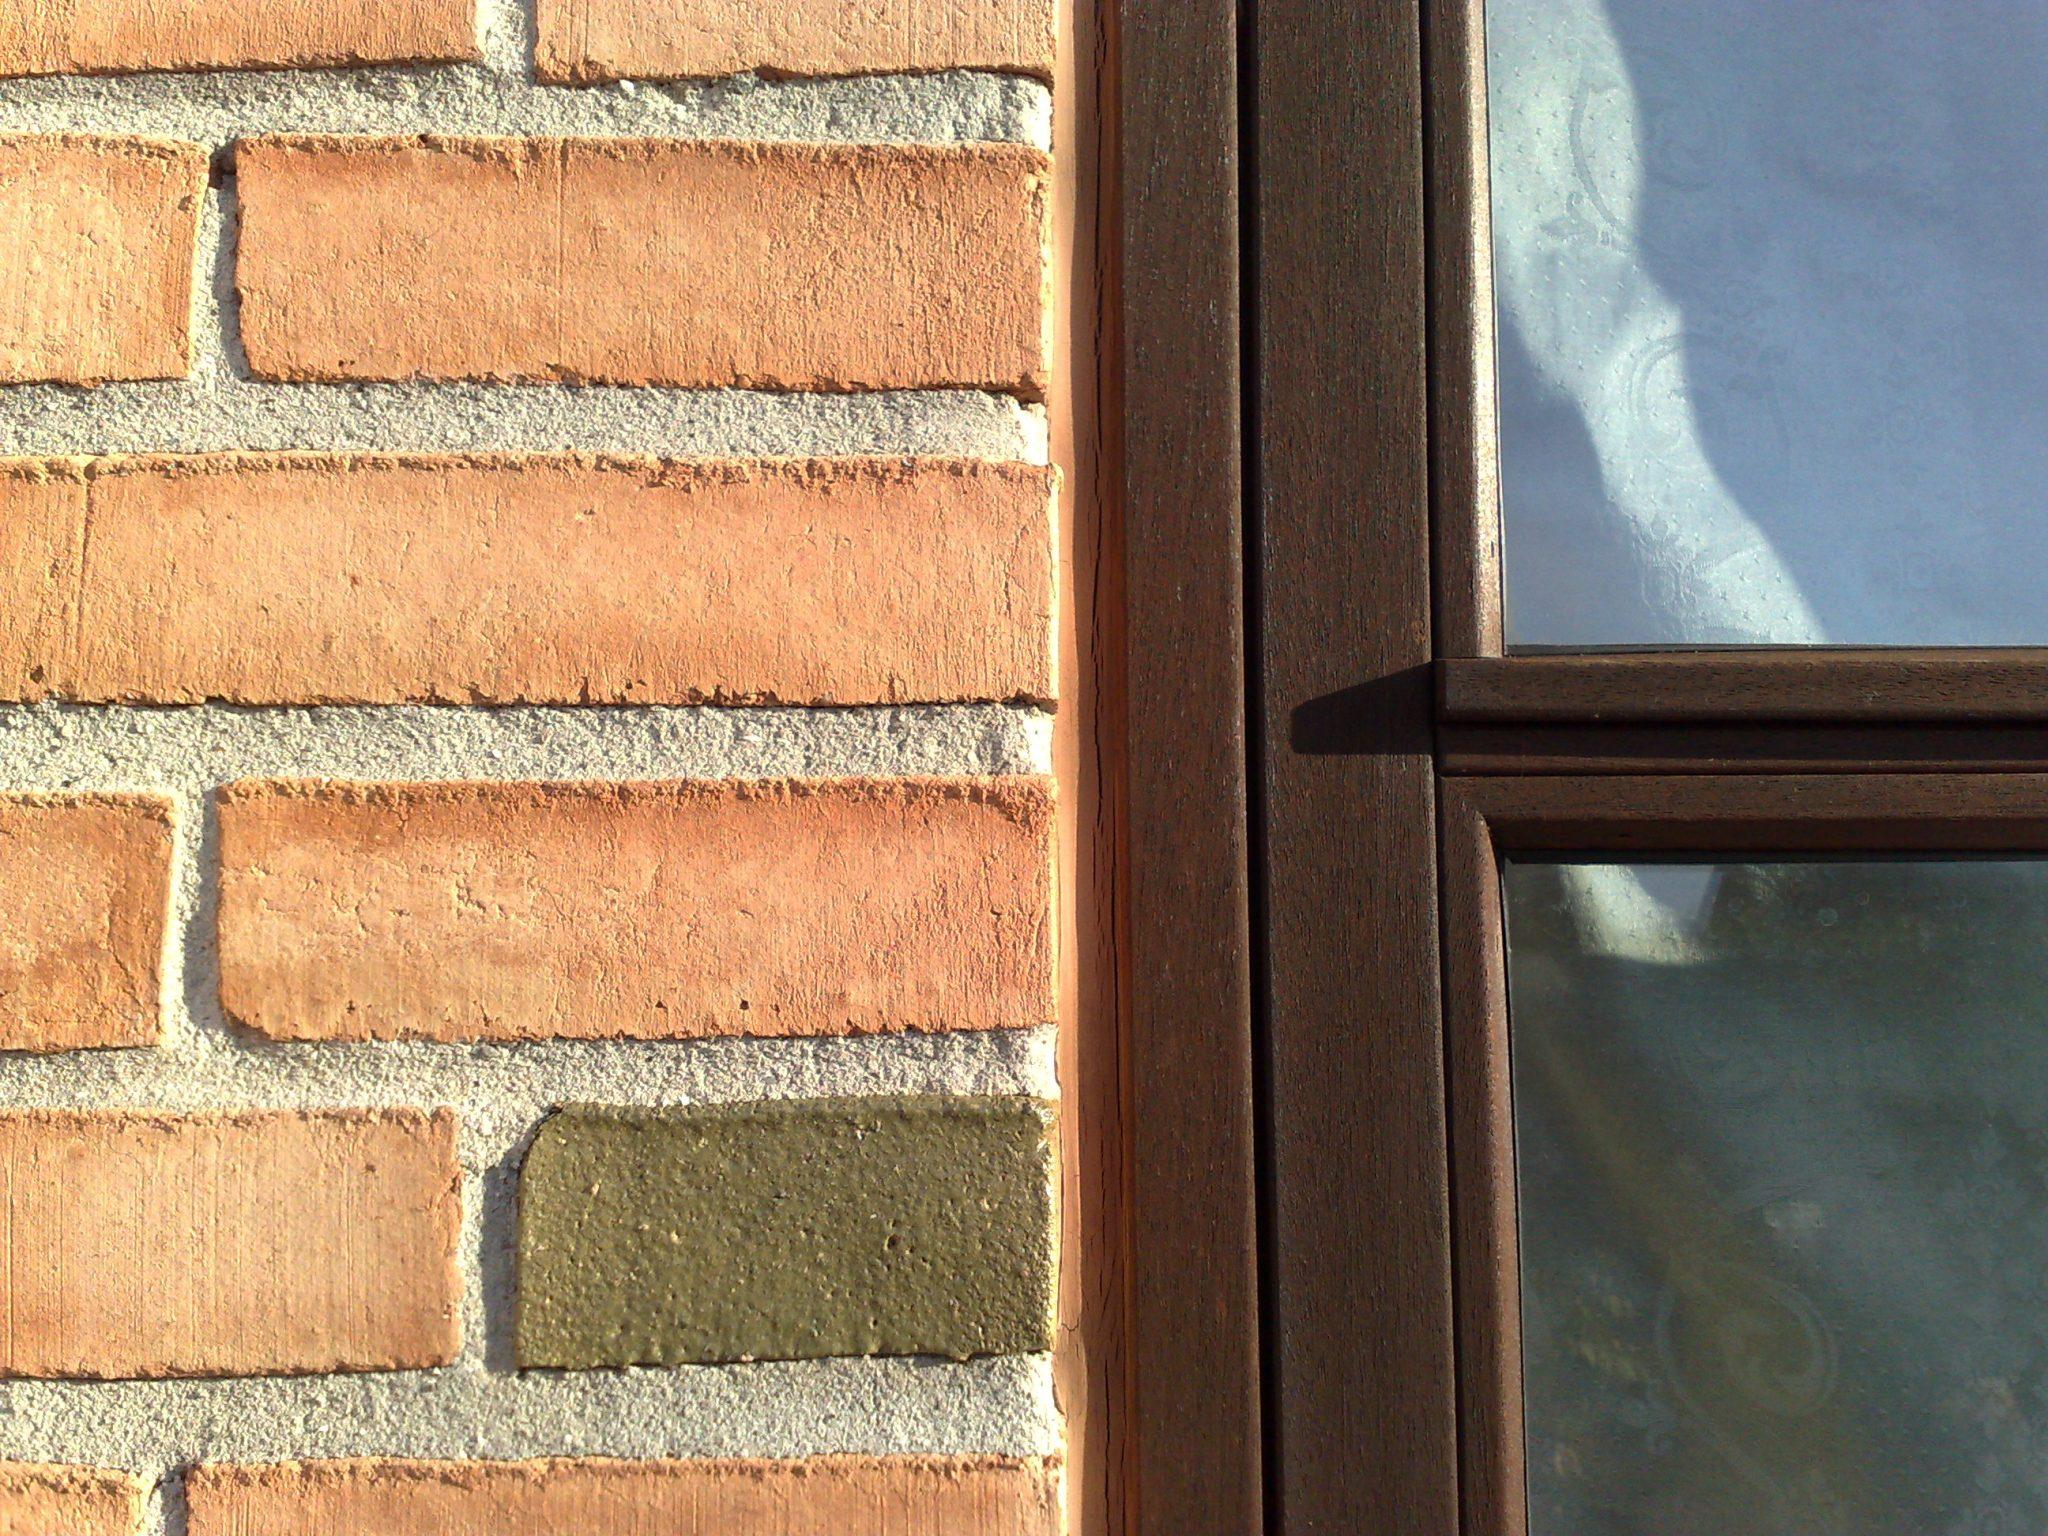 Hvad koster det at få fuget vinduer